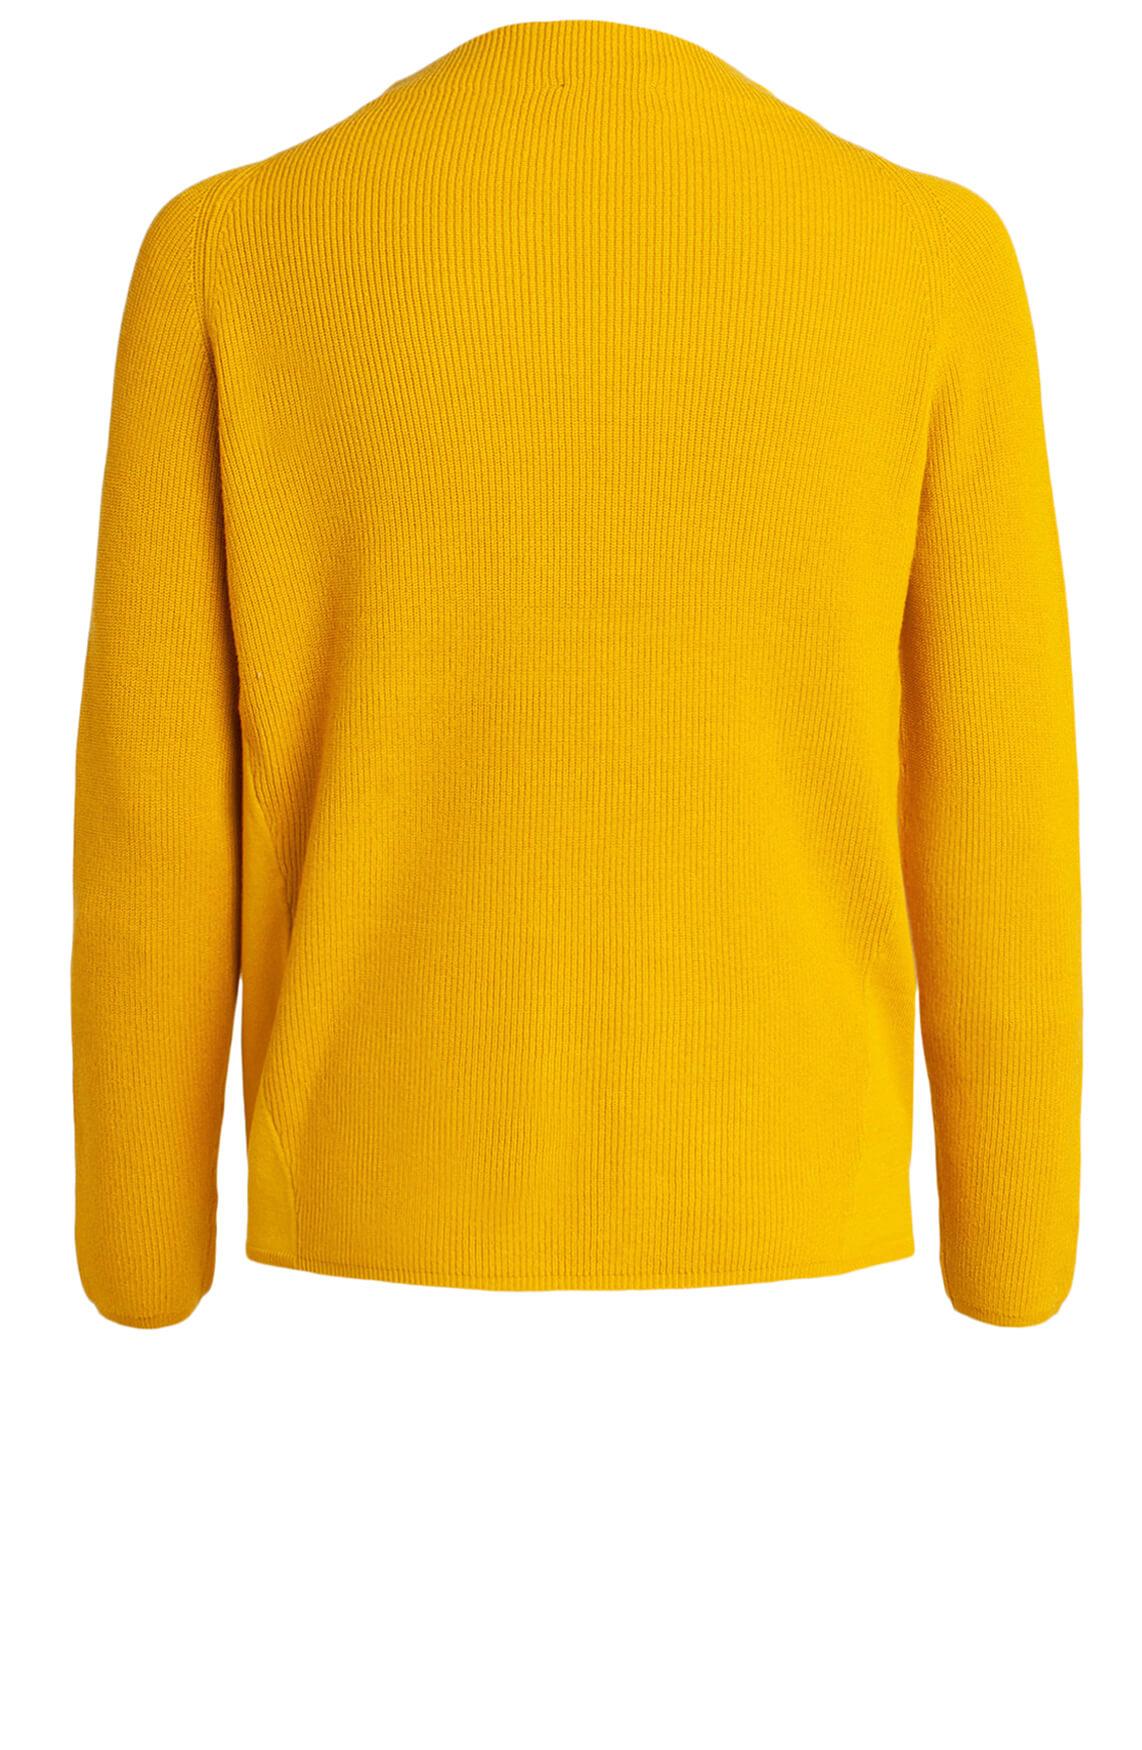 Anna Dames Ribgebreide pullover geel